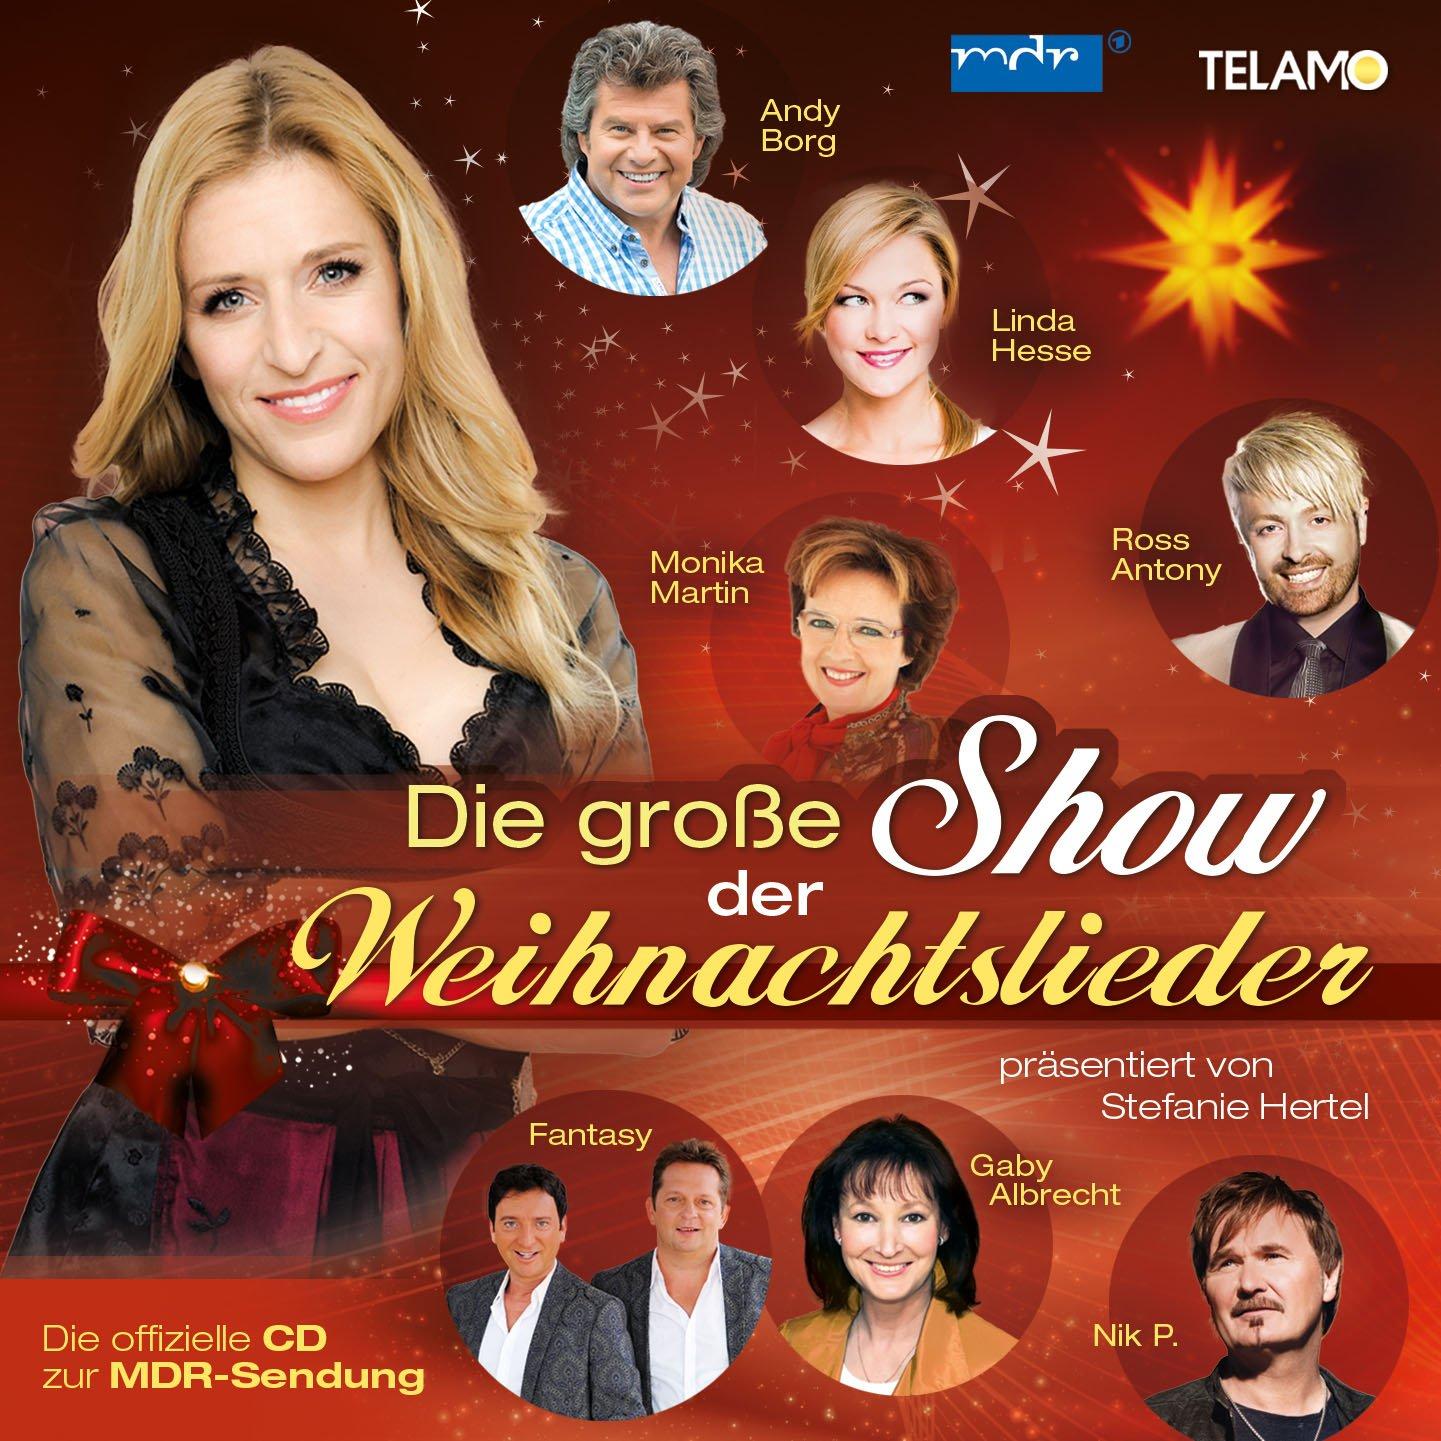 Stefanie Hertel präsentiert: Die große Show der Weihnachtslieder ...